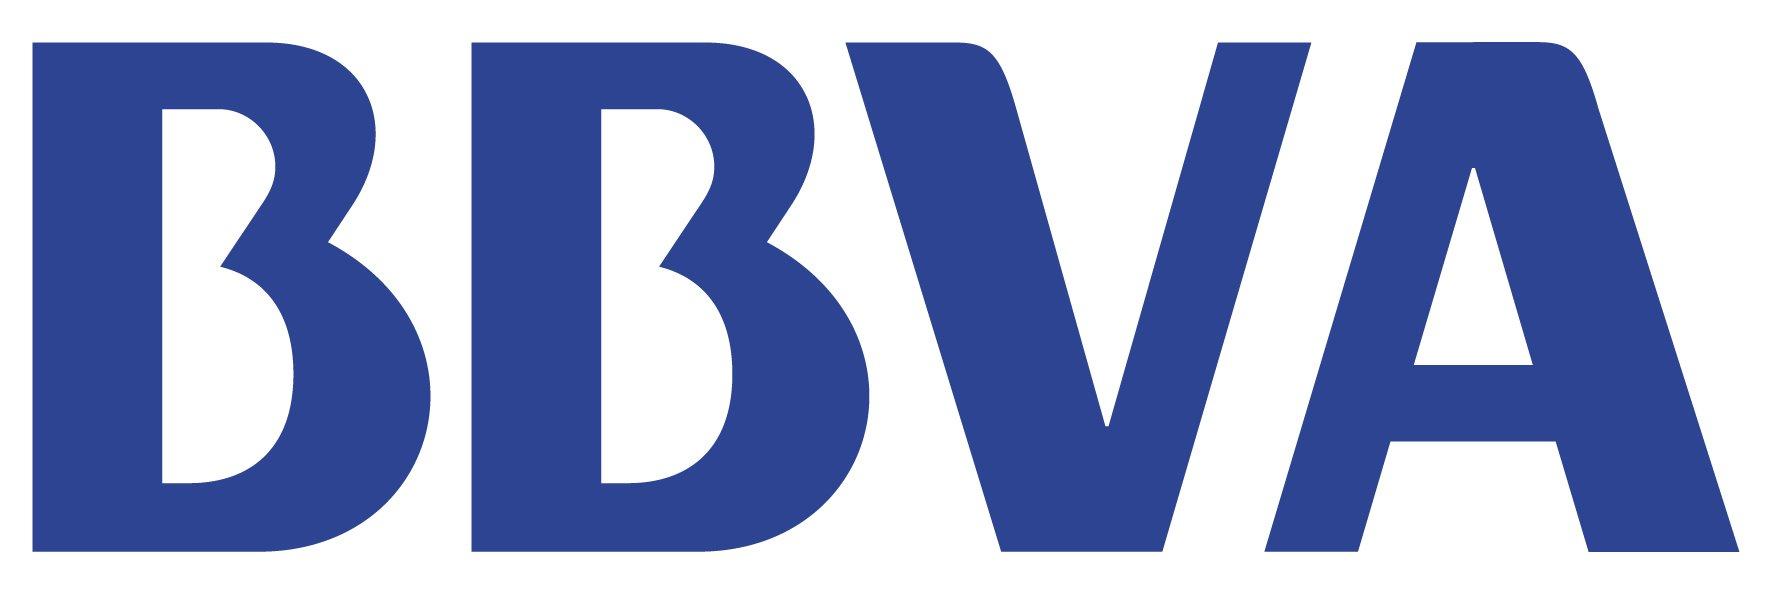 Bbva Logo Spanish Property Insight